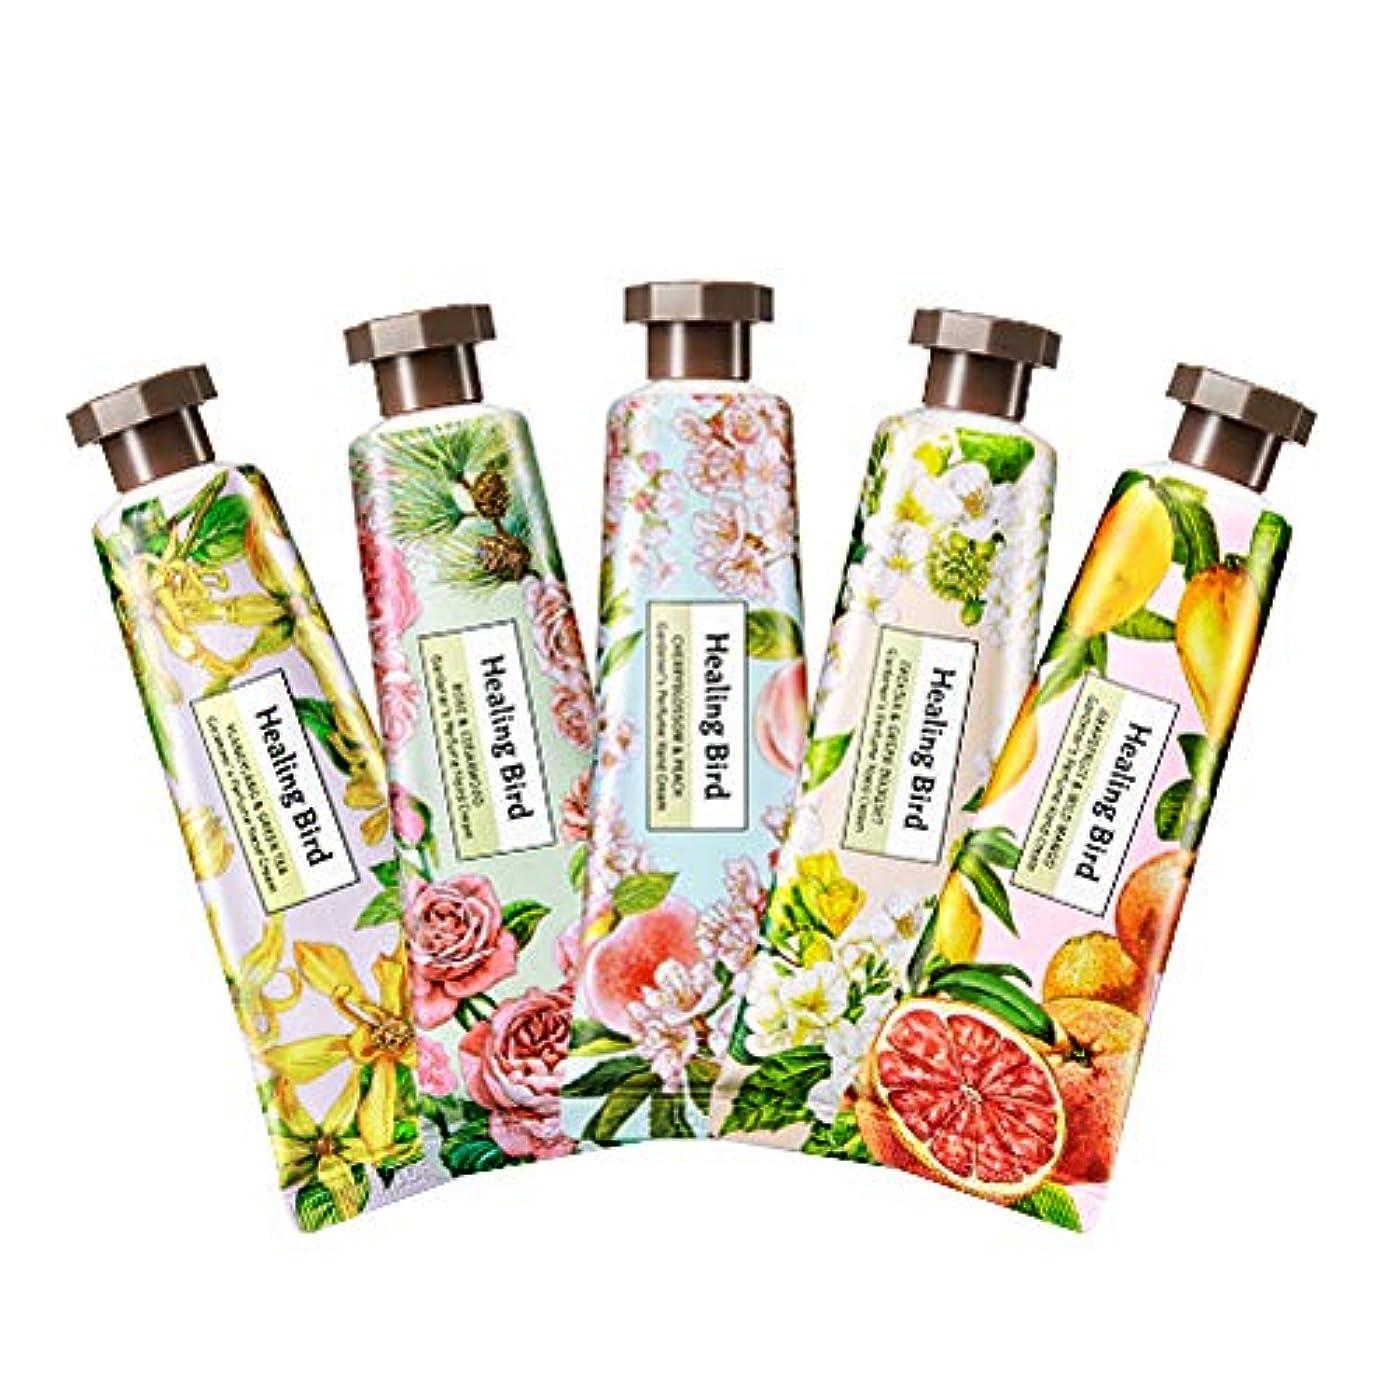 コーンウォール約設定バイオレットHealing Bird Gardener's Perfume Hand Cream 30ml ヒーリングバード カドゥノスパヒュームハンドクリーム (Fressia & Green Bouquet) [並行輸入品]